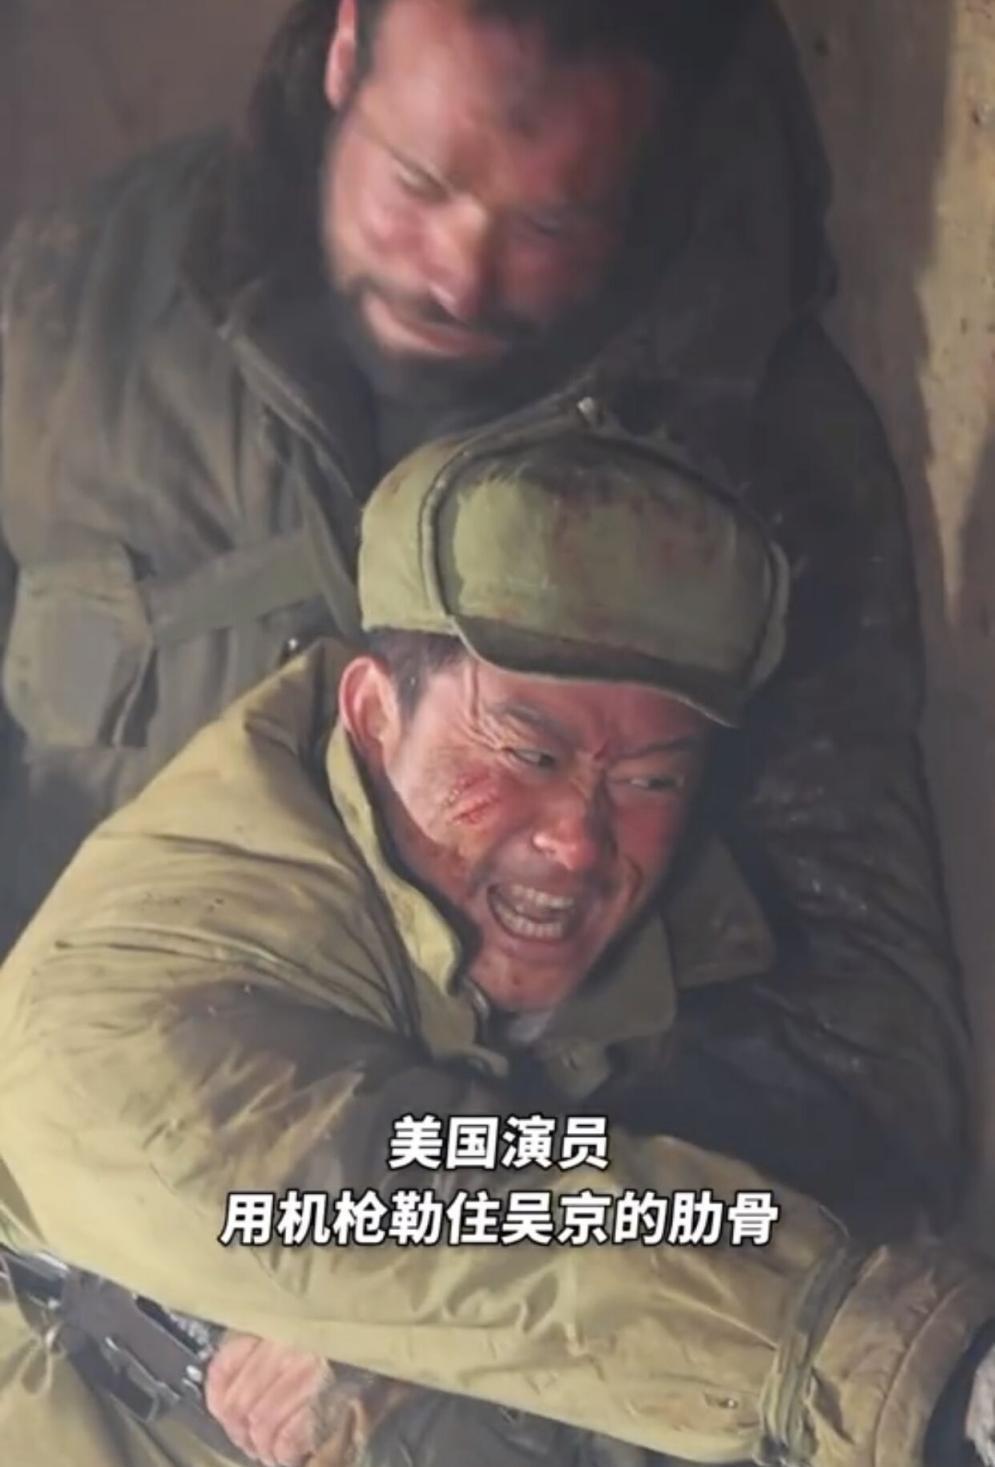 吴京哽咽谈父亲,老人脑血栓住院遗憾未探望,现拍戏把千玺当儿子